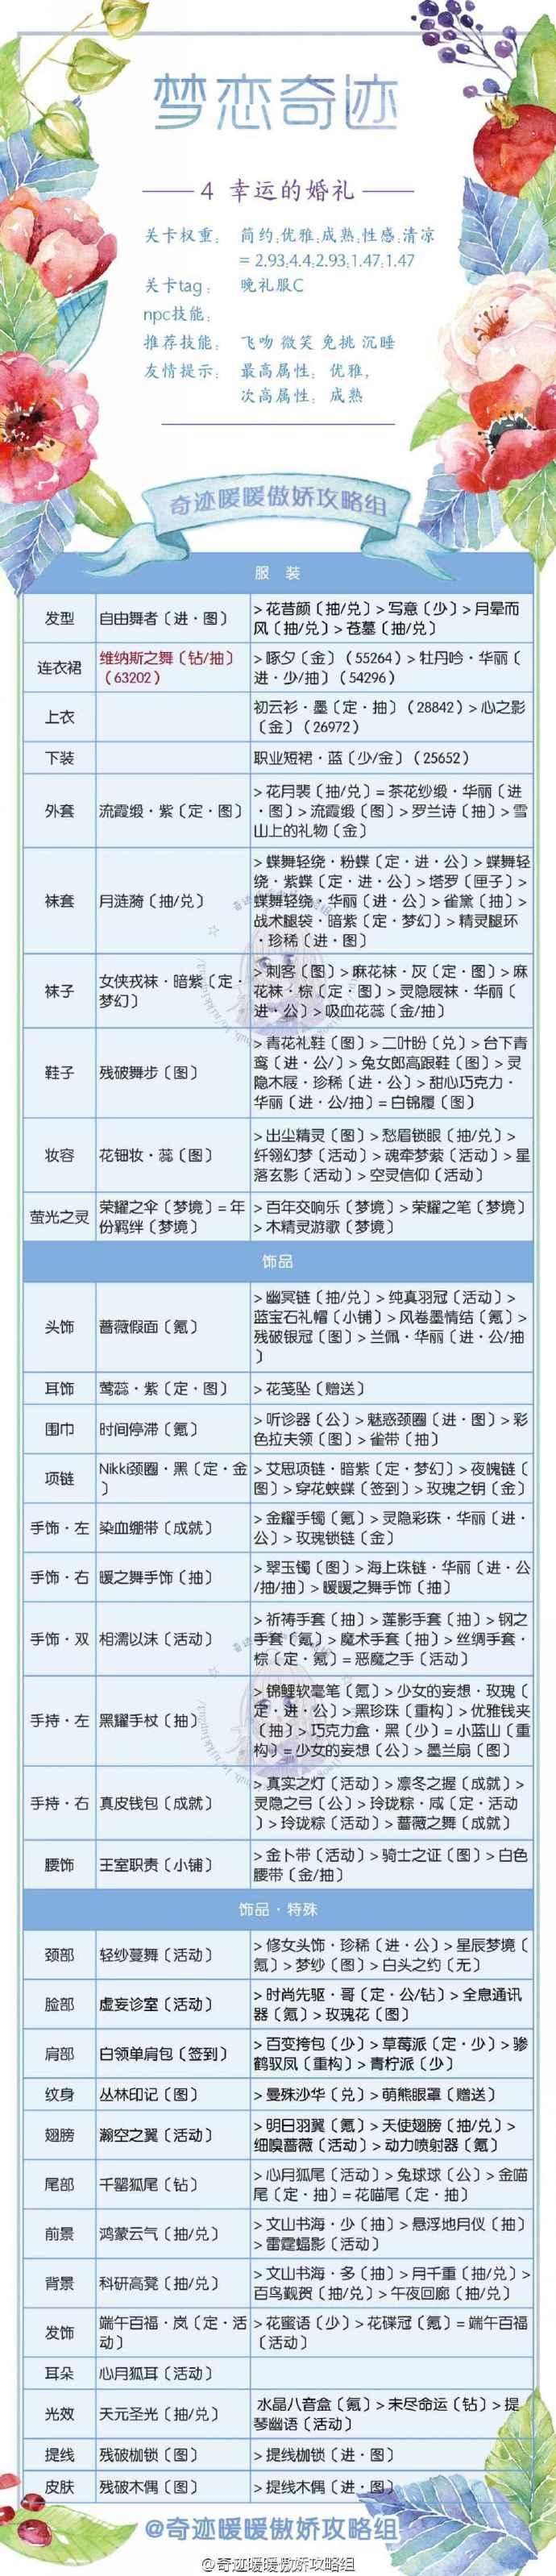 奇迹暖暖梦恋奇迹第三期蜜恋烟火全关卡高分攻略5.jpg